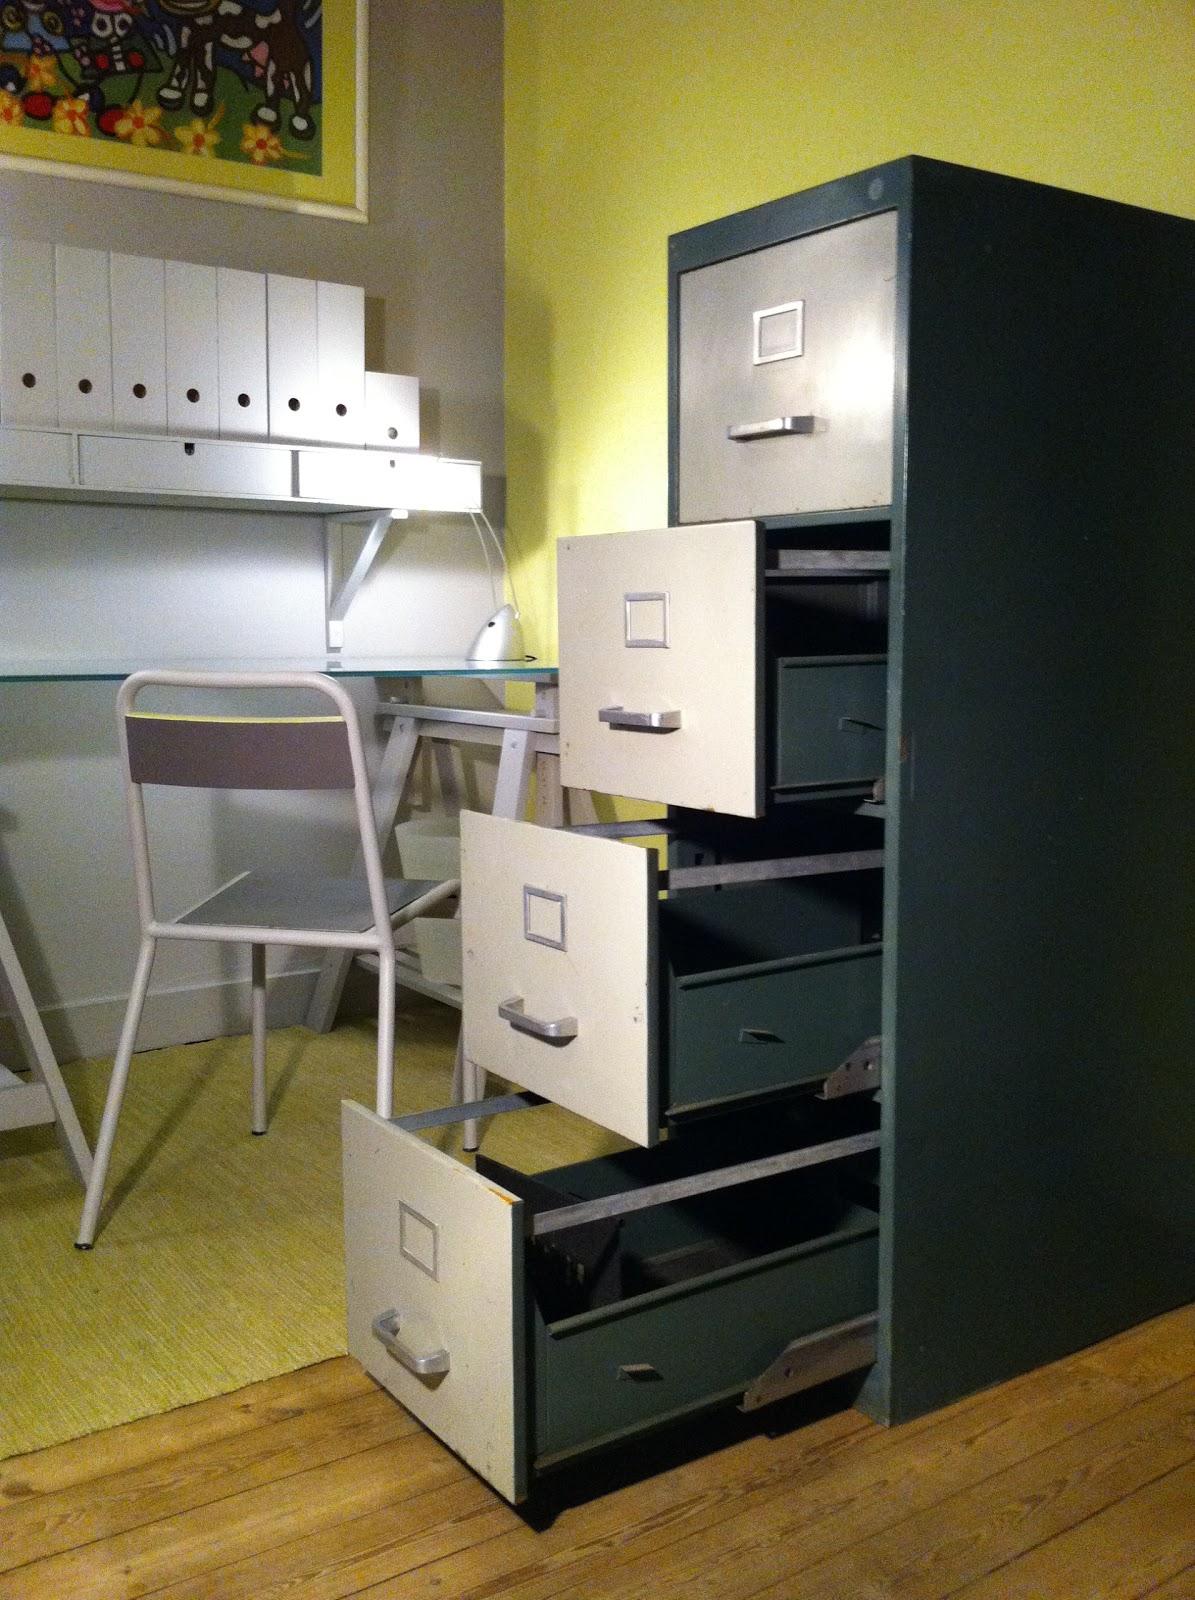 c 39 est la re cr ation vintage scolaire vintage coup de c ur meuble m tallique casier. Black Bedroom Furniture Sets. Home Design Ideas